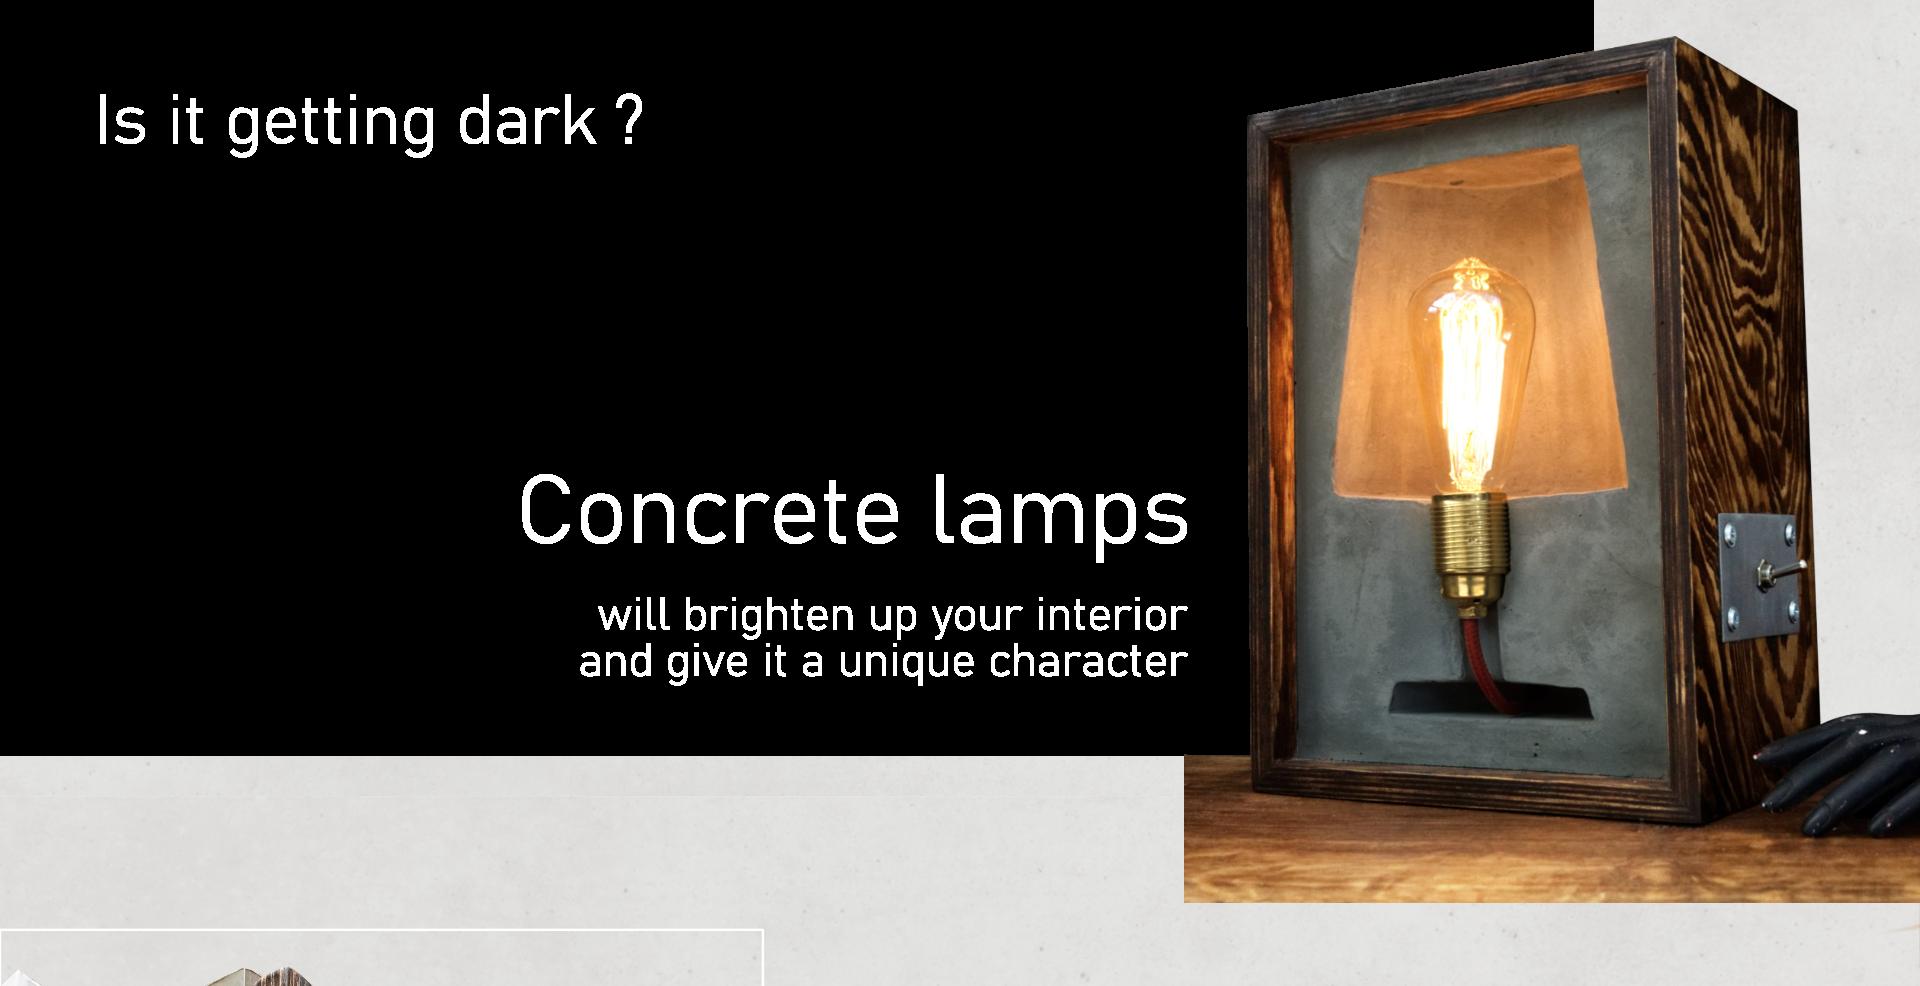 lampy z betonu sklep